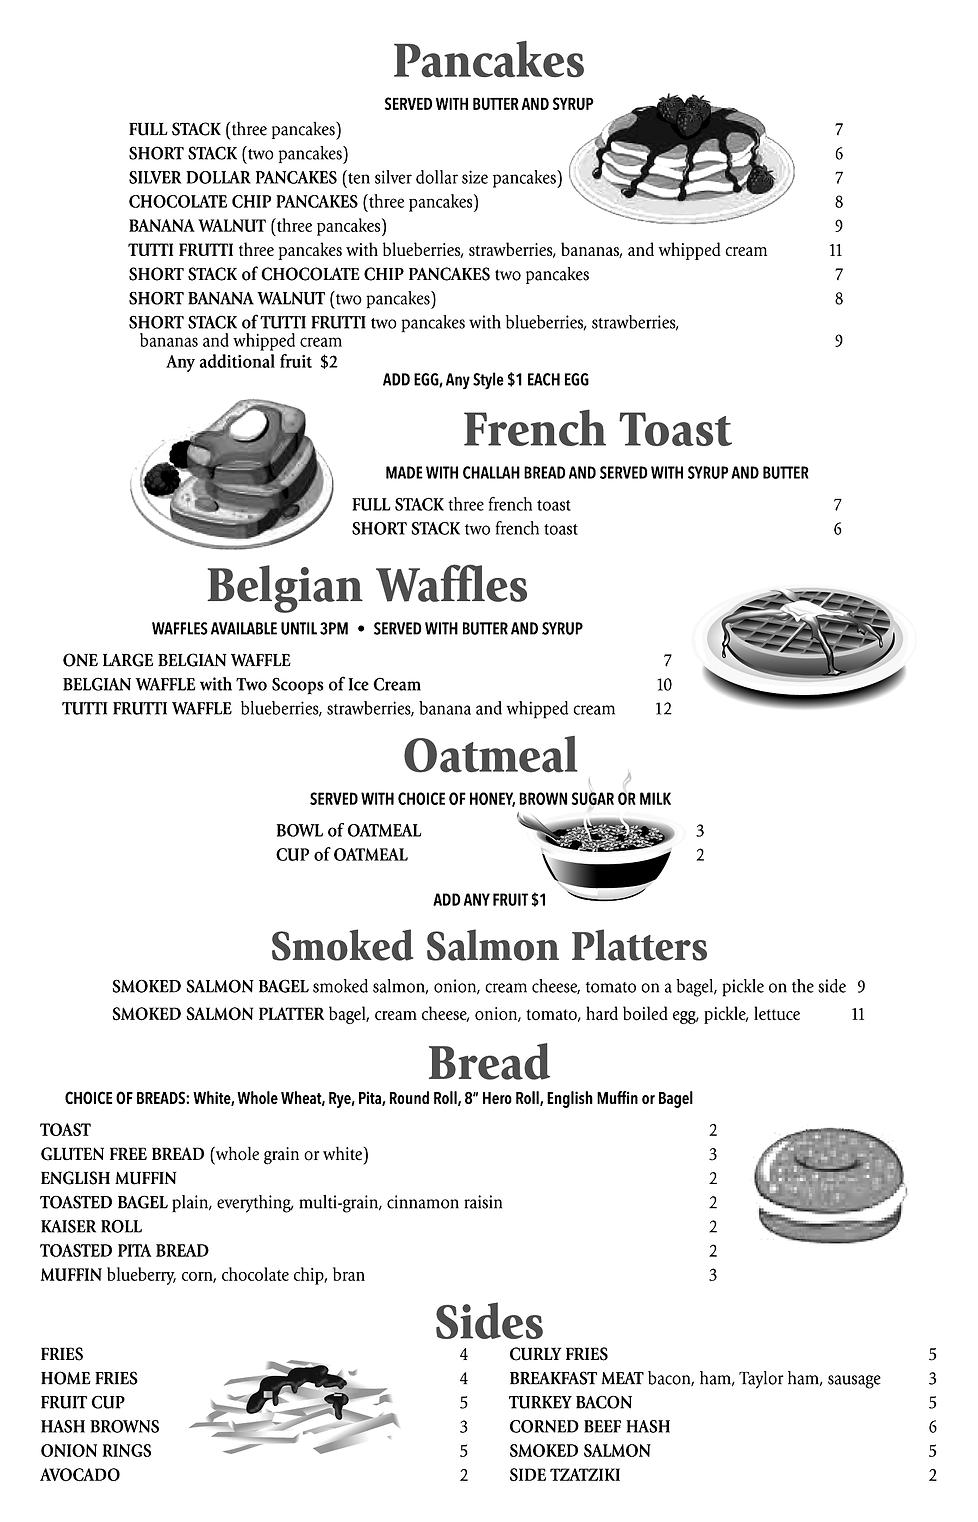 122720-RAMSEY CORNER CAFE-Pancakes.tif